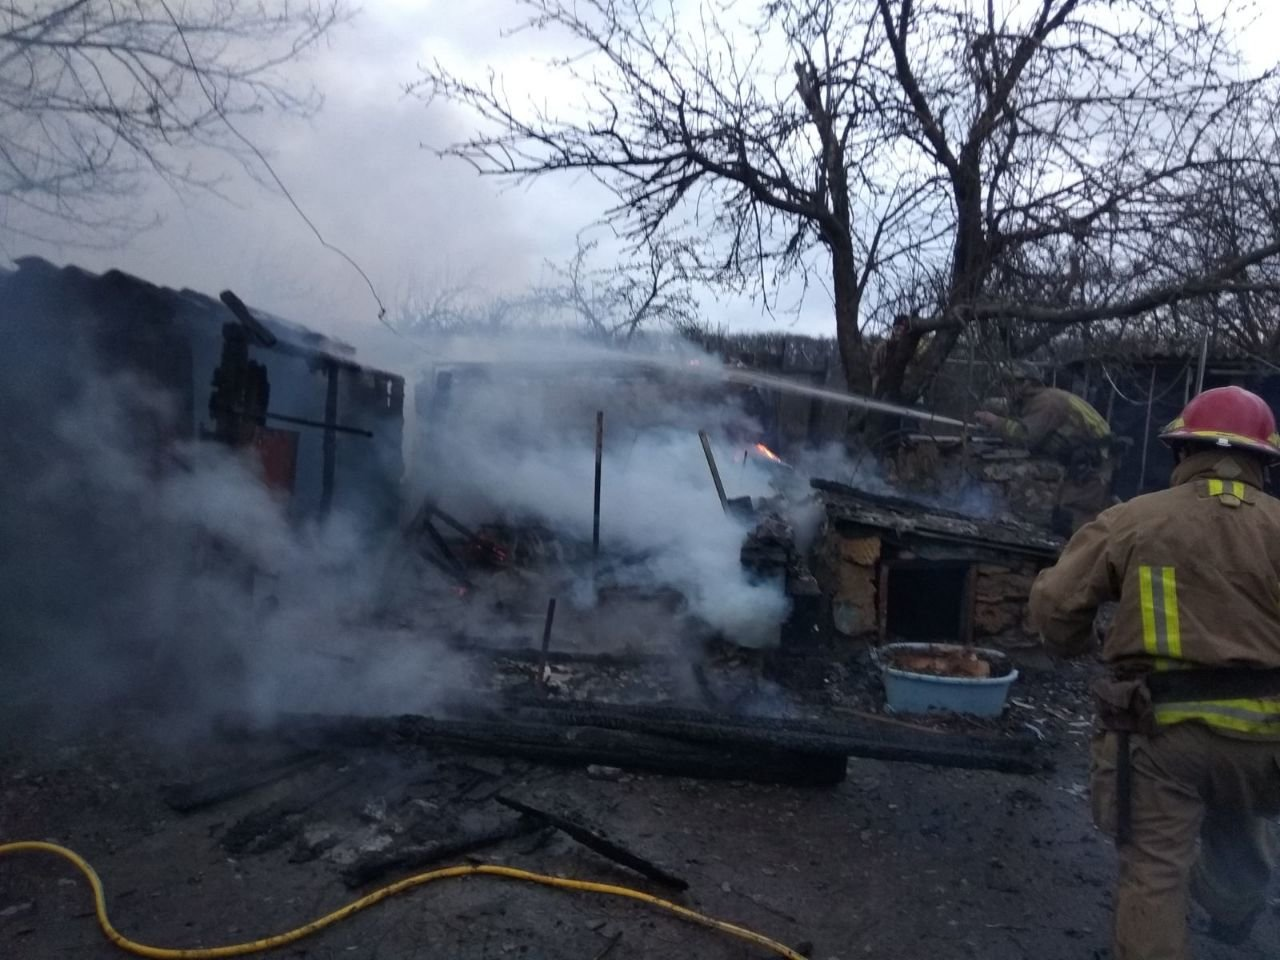 В Одесской области пожарные спасли частный дом от огня, - ФОТО, фото-2